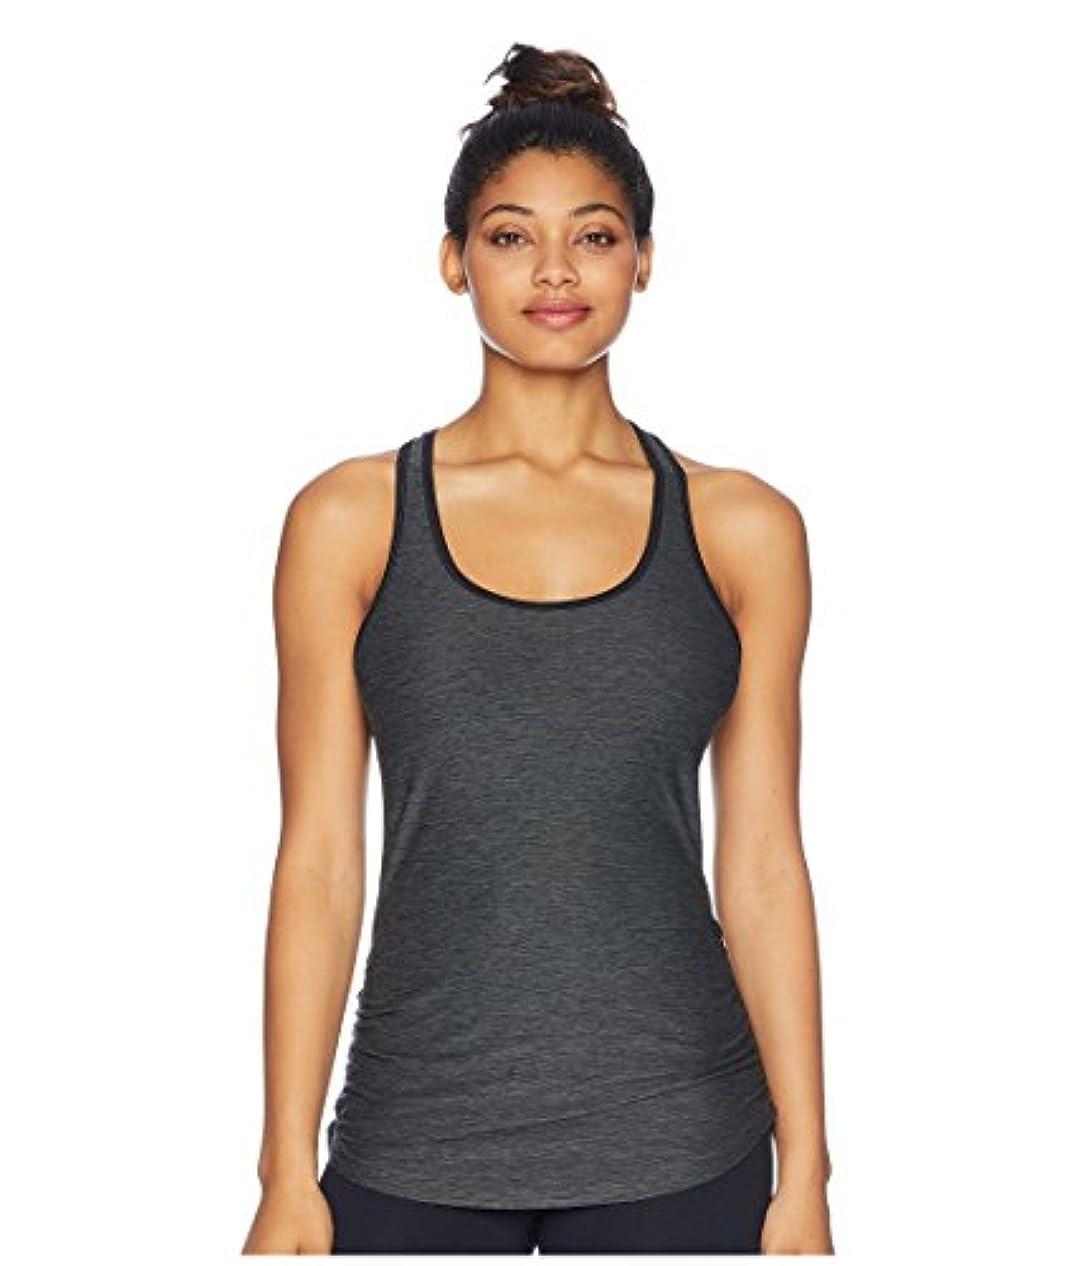 全体に誘う硬い[new balance(ニューバランス)] レディースタンクトップ?Tシャツ Perfect Tank Top Heather Charcoal 2XL (2XL) One Size